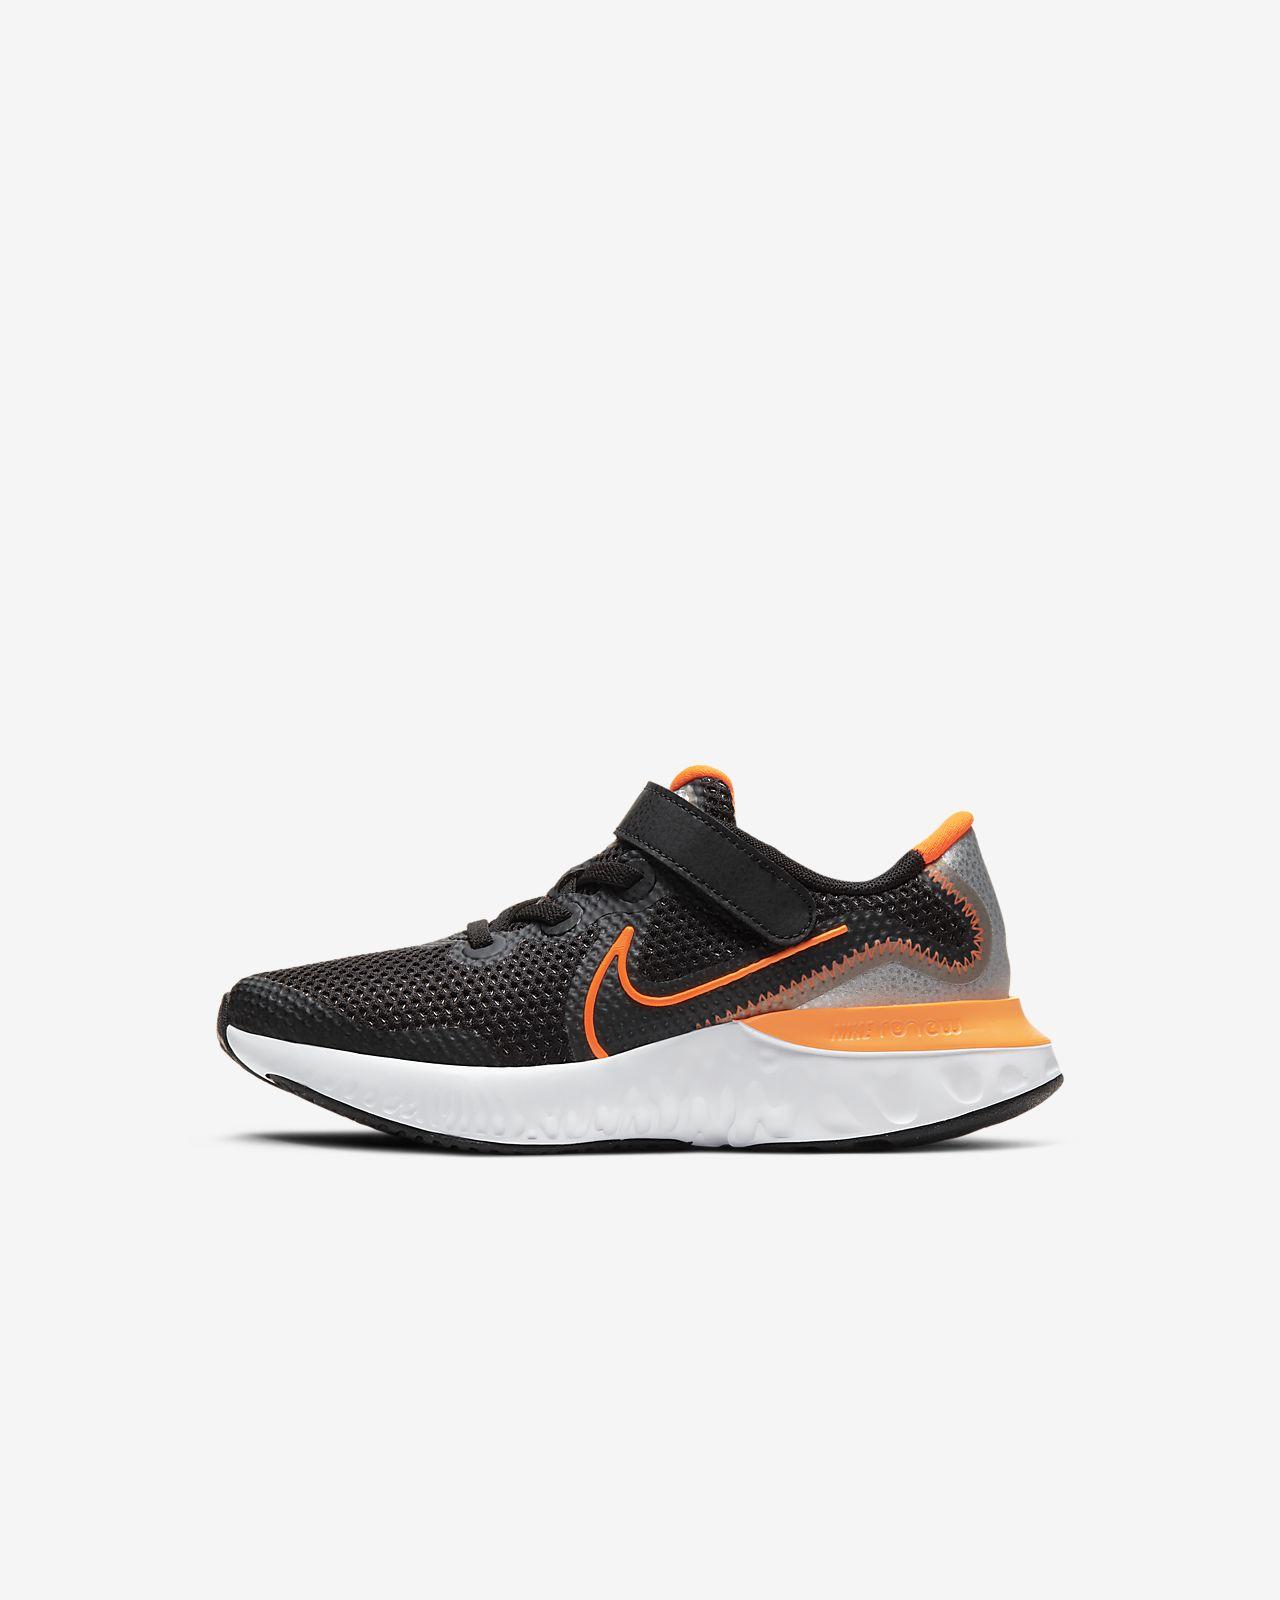 Nike Renew Run 小童鞋款